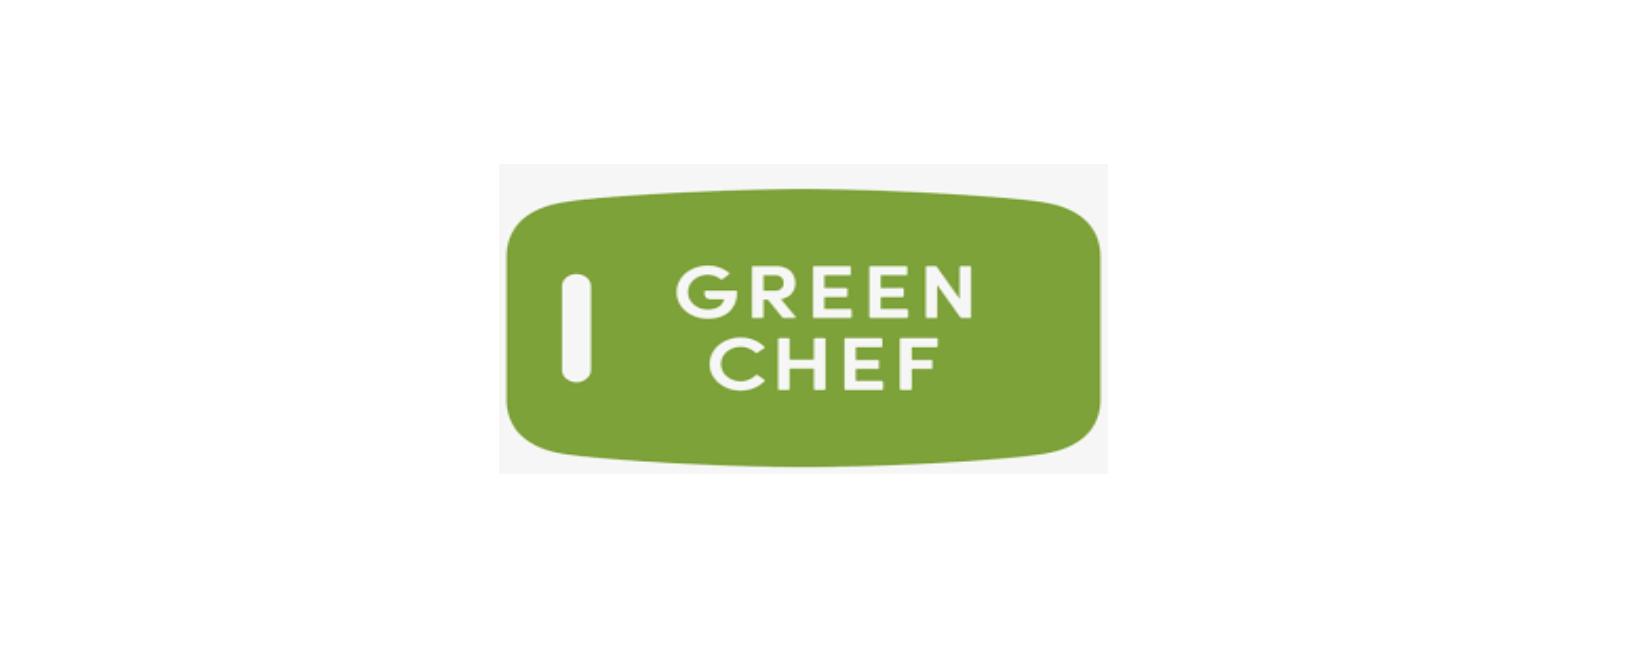 Green Chef UK Discount Code 2021